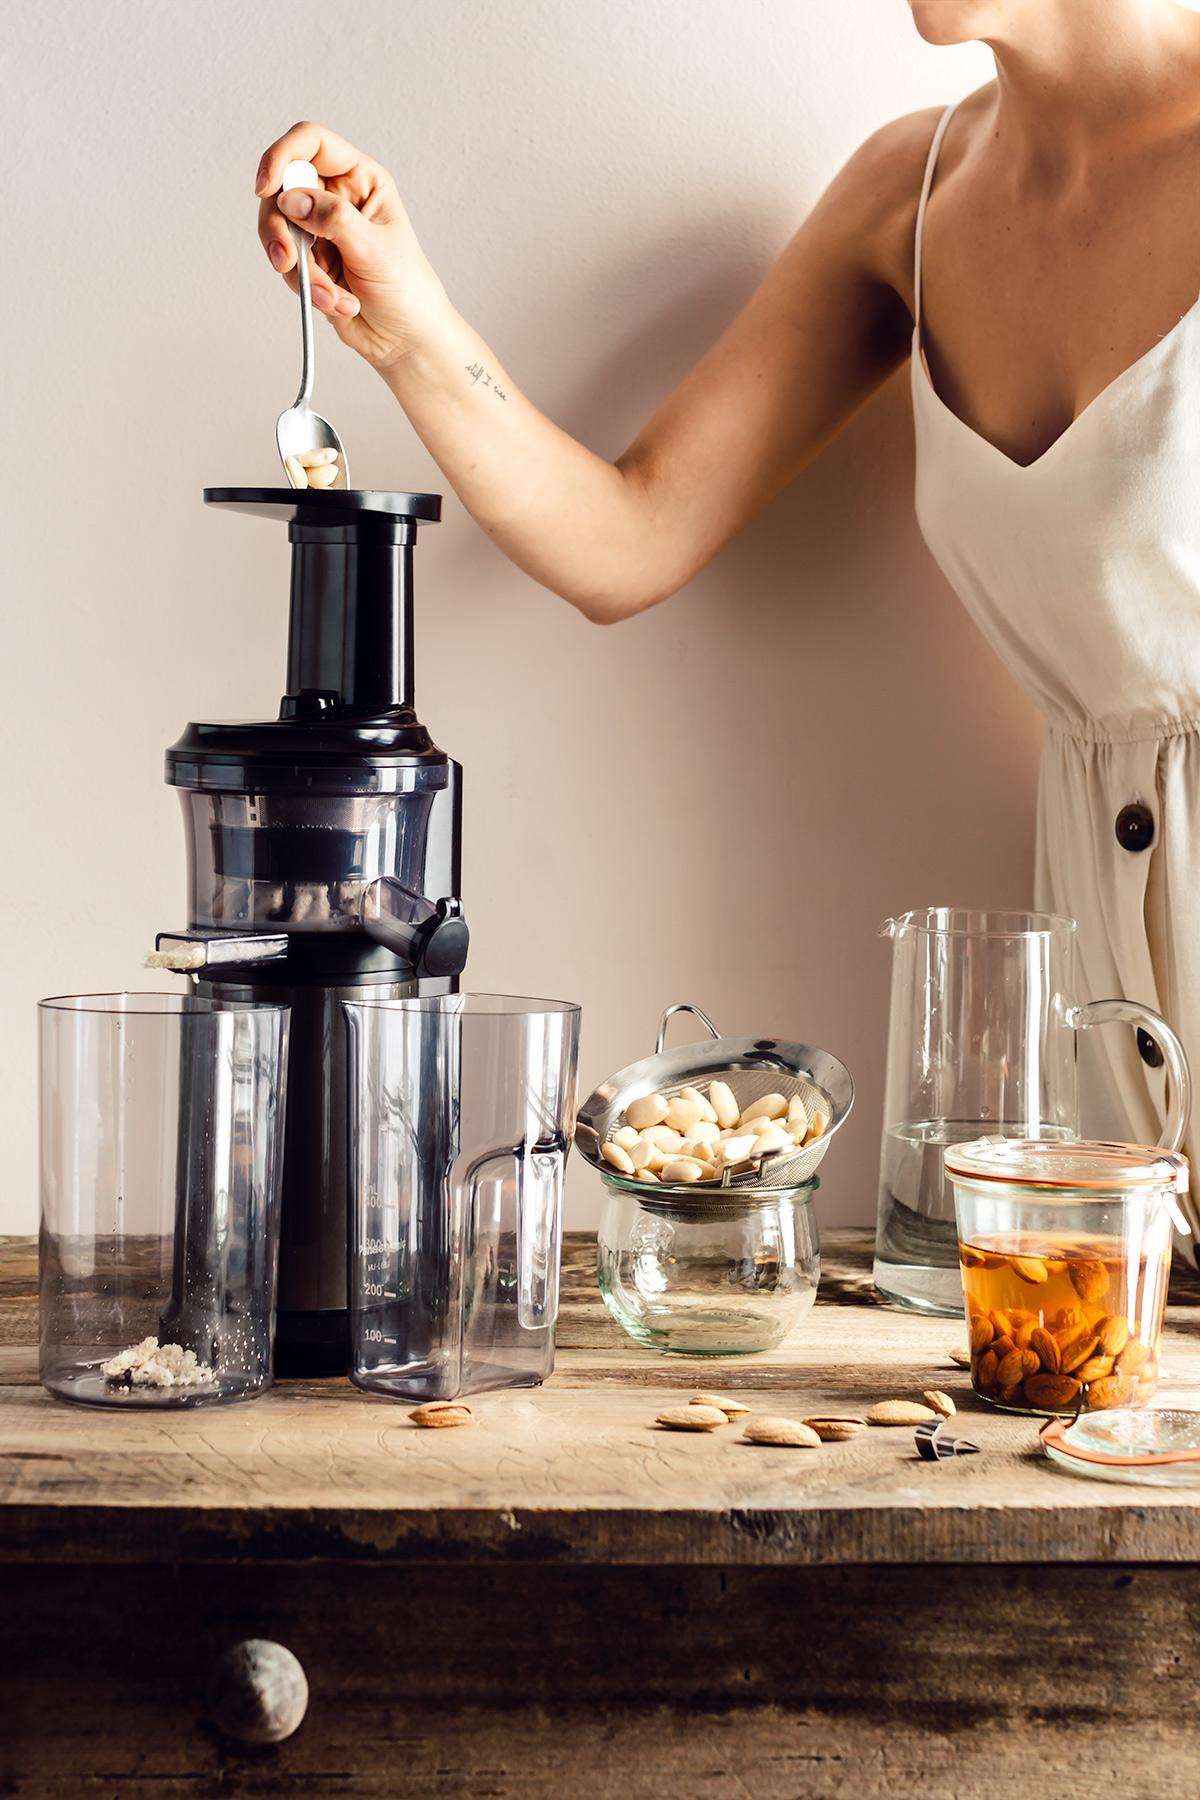 come preparare il LATTE di MANDORLE fatto in casa vegan senza lattosio con estrattore How to make homemade ALMOND MILK dairyfree milk recipe 2 ingredients